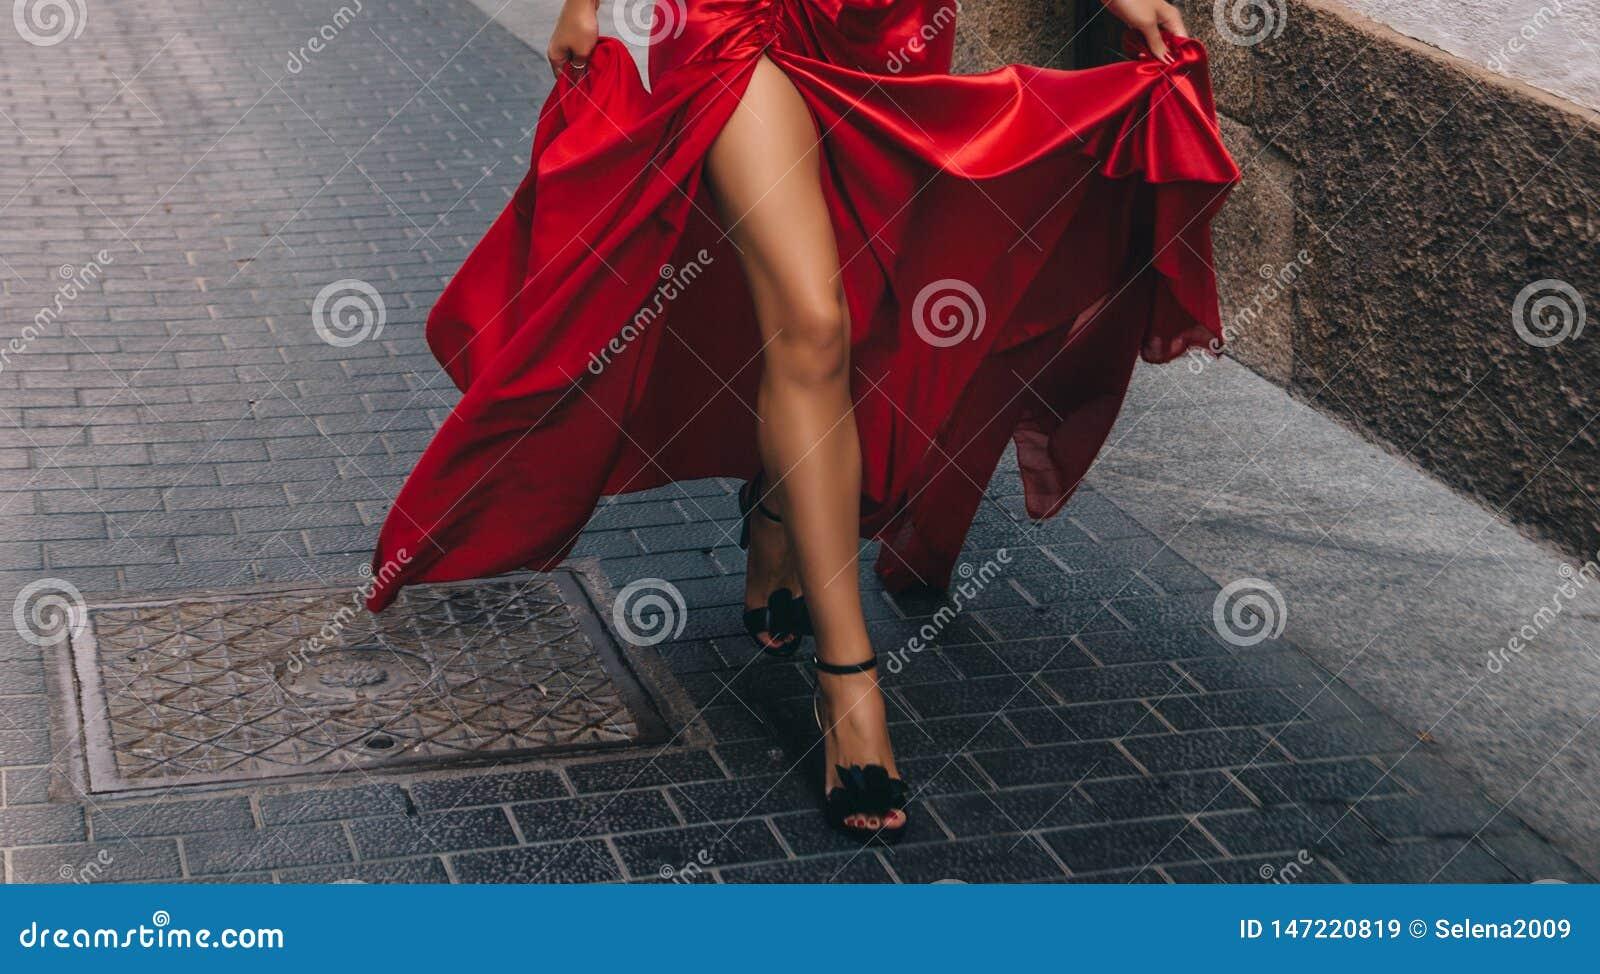 La muchacha en el rojo De largo, piernas delgadas